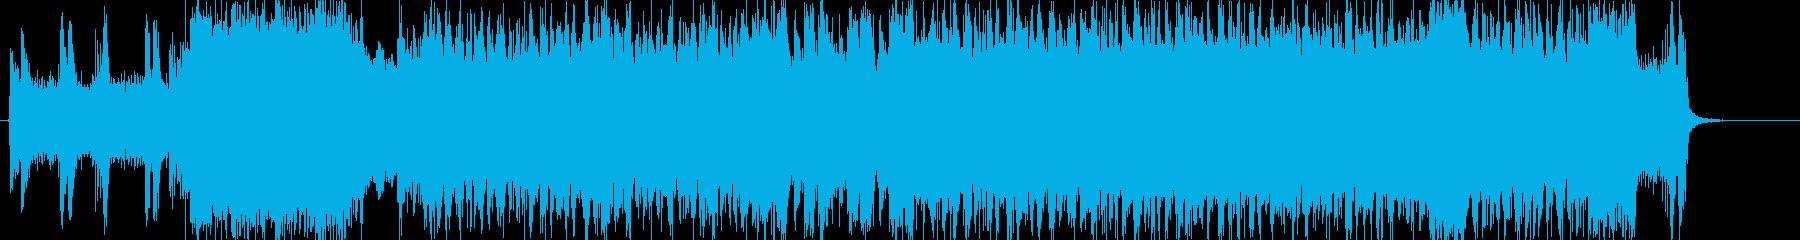 死闘を繰り広げる雰囲気のヘヴィーサウンドの再生済みの波形